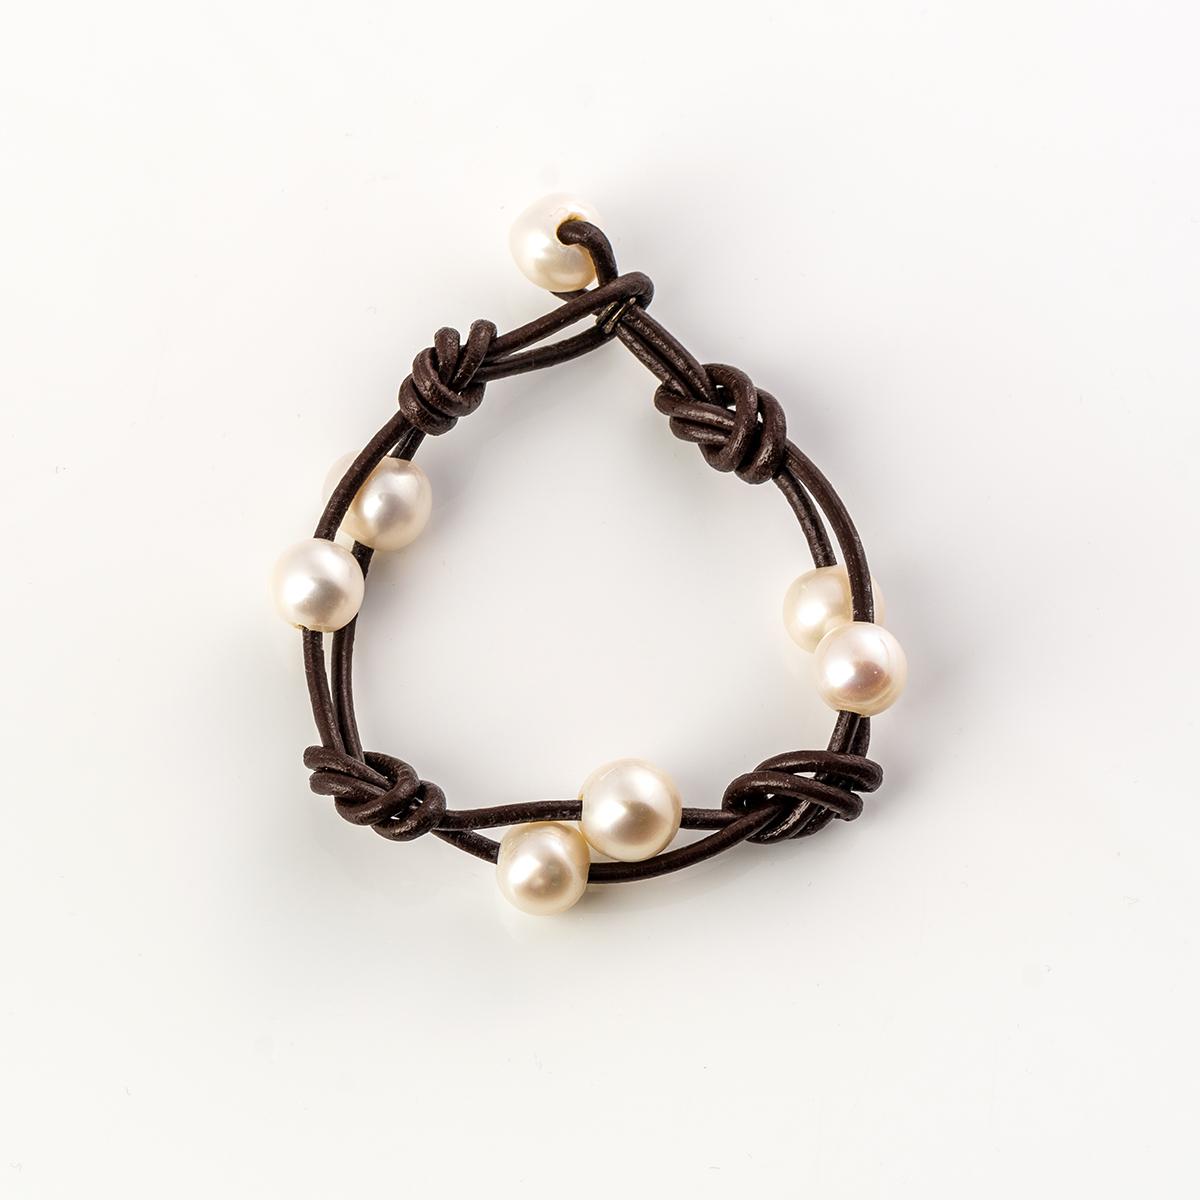 2c8a0c5aff01 Pulsera plata de ley cuero nudos y siete perlas